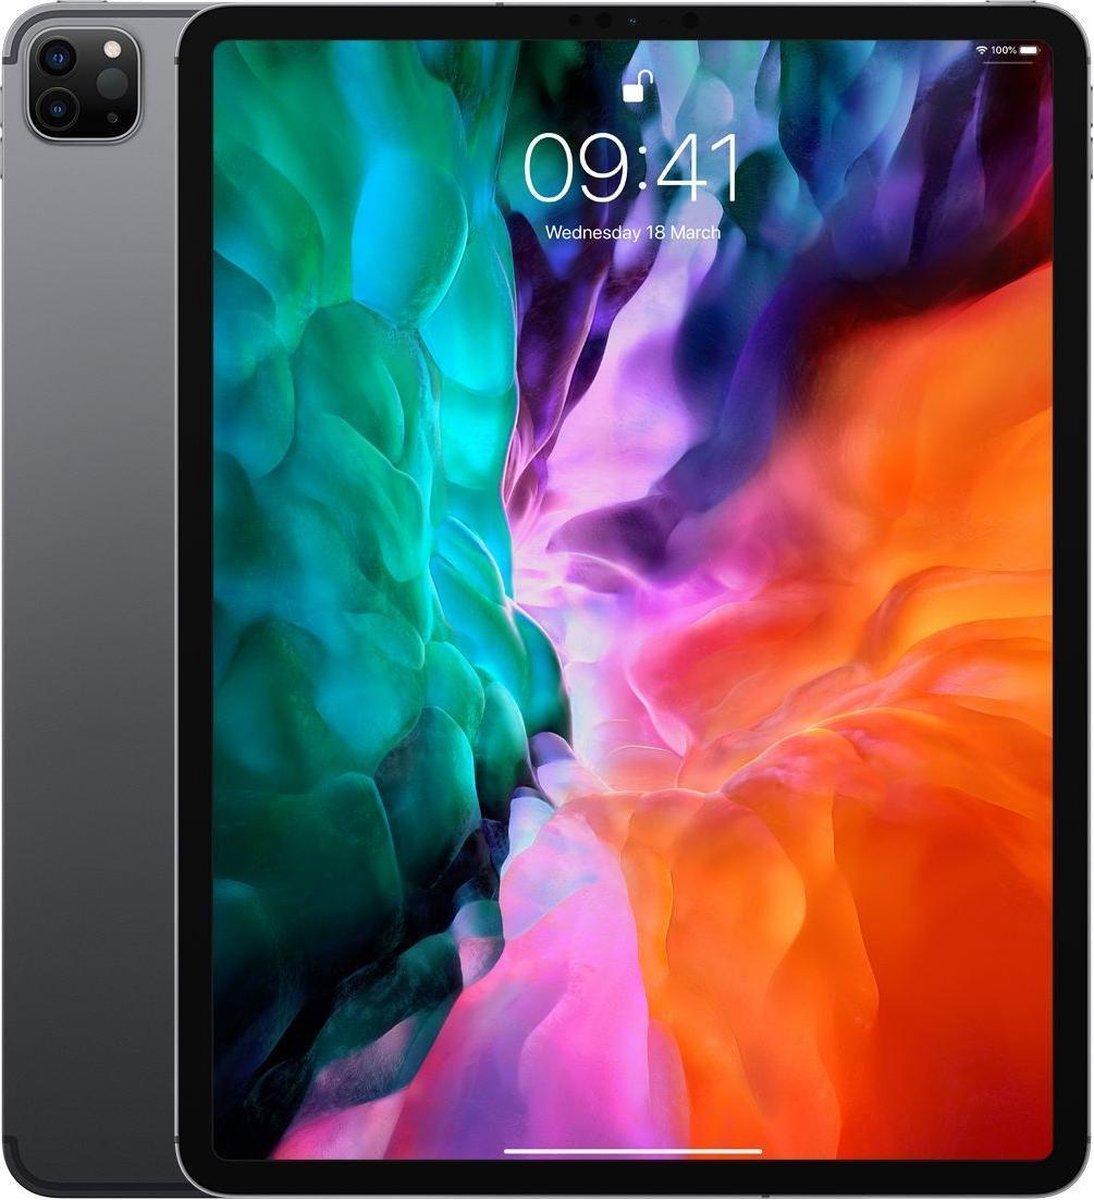 Apple iPad Pro (2020) refurbished door Adognicosto - A Grade (zo goed als nieuw) - 12.9 inch - WiFi/4G - 512GB - Spacegrijs